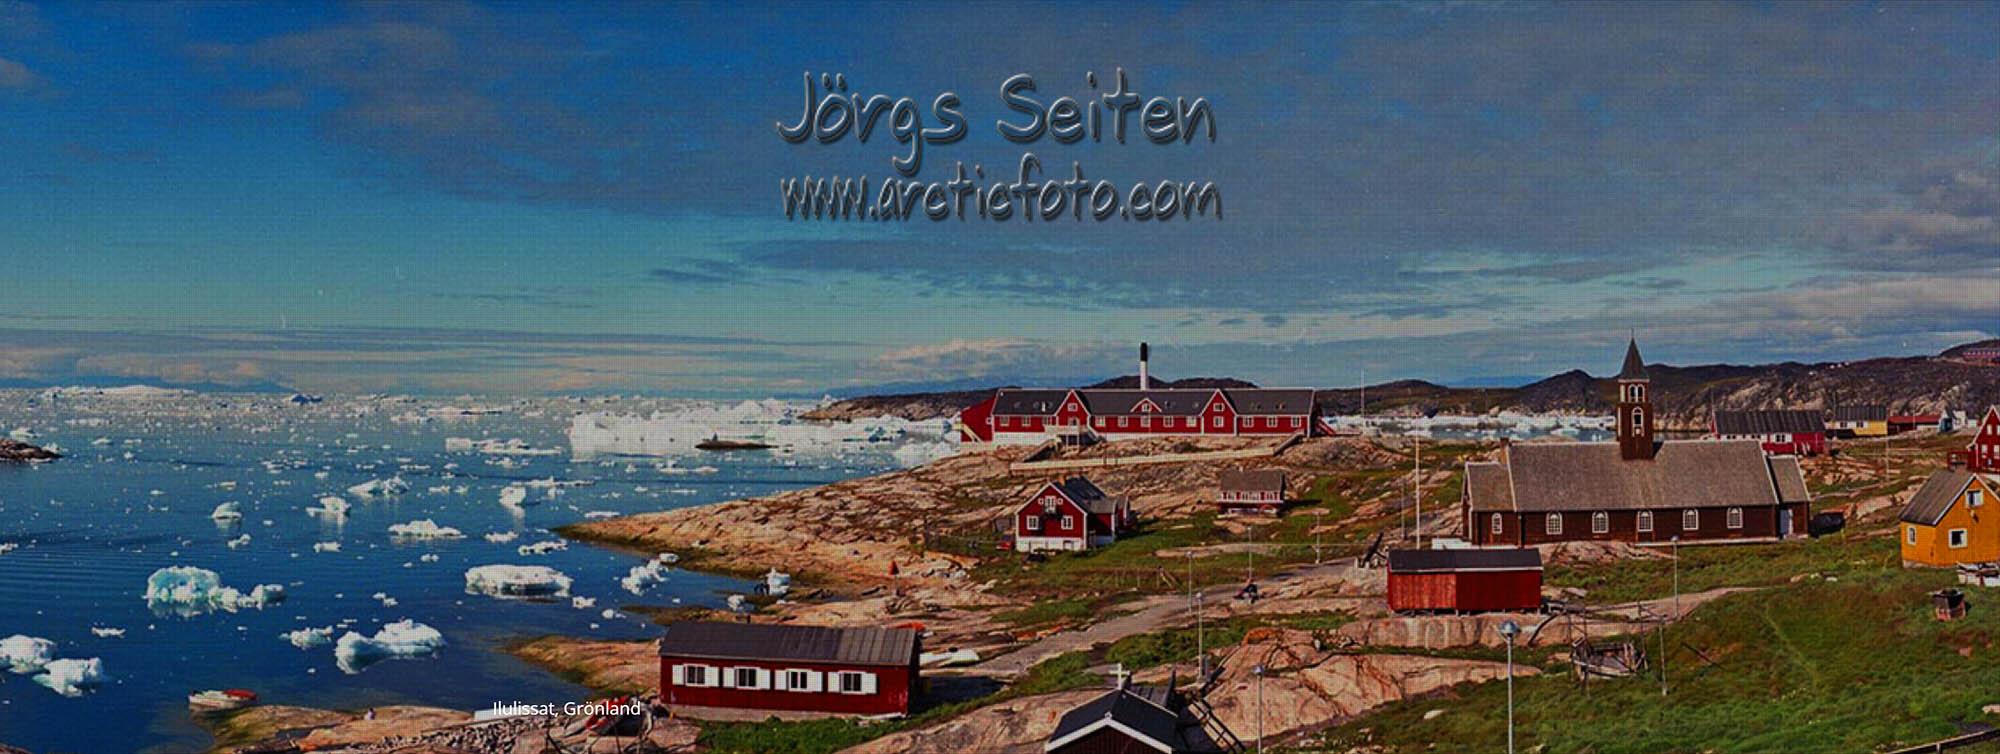 Jörgs Arcticfotoseiten